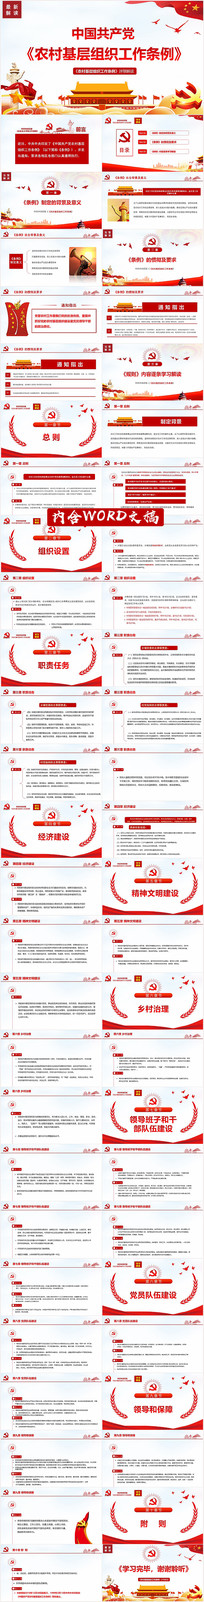 农村基层党组织工作条例ppt